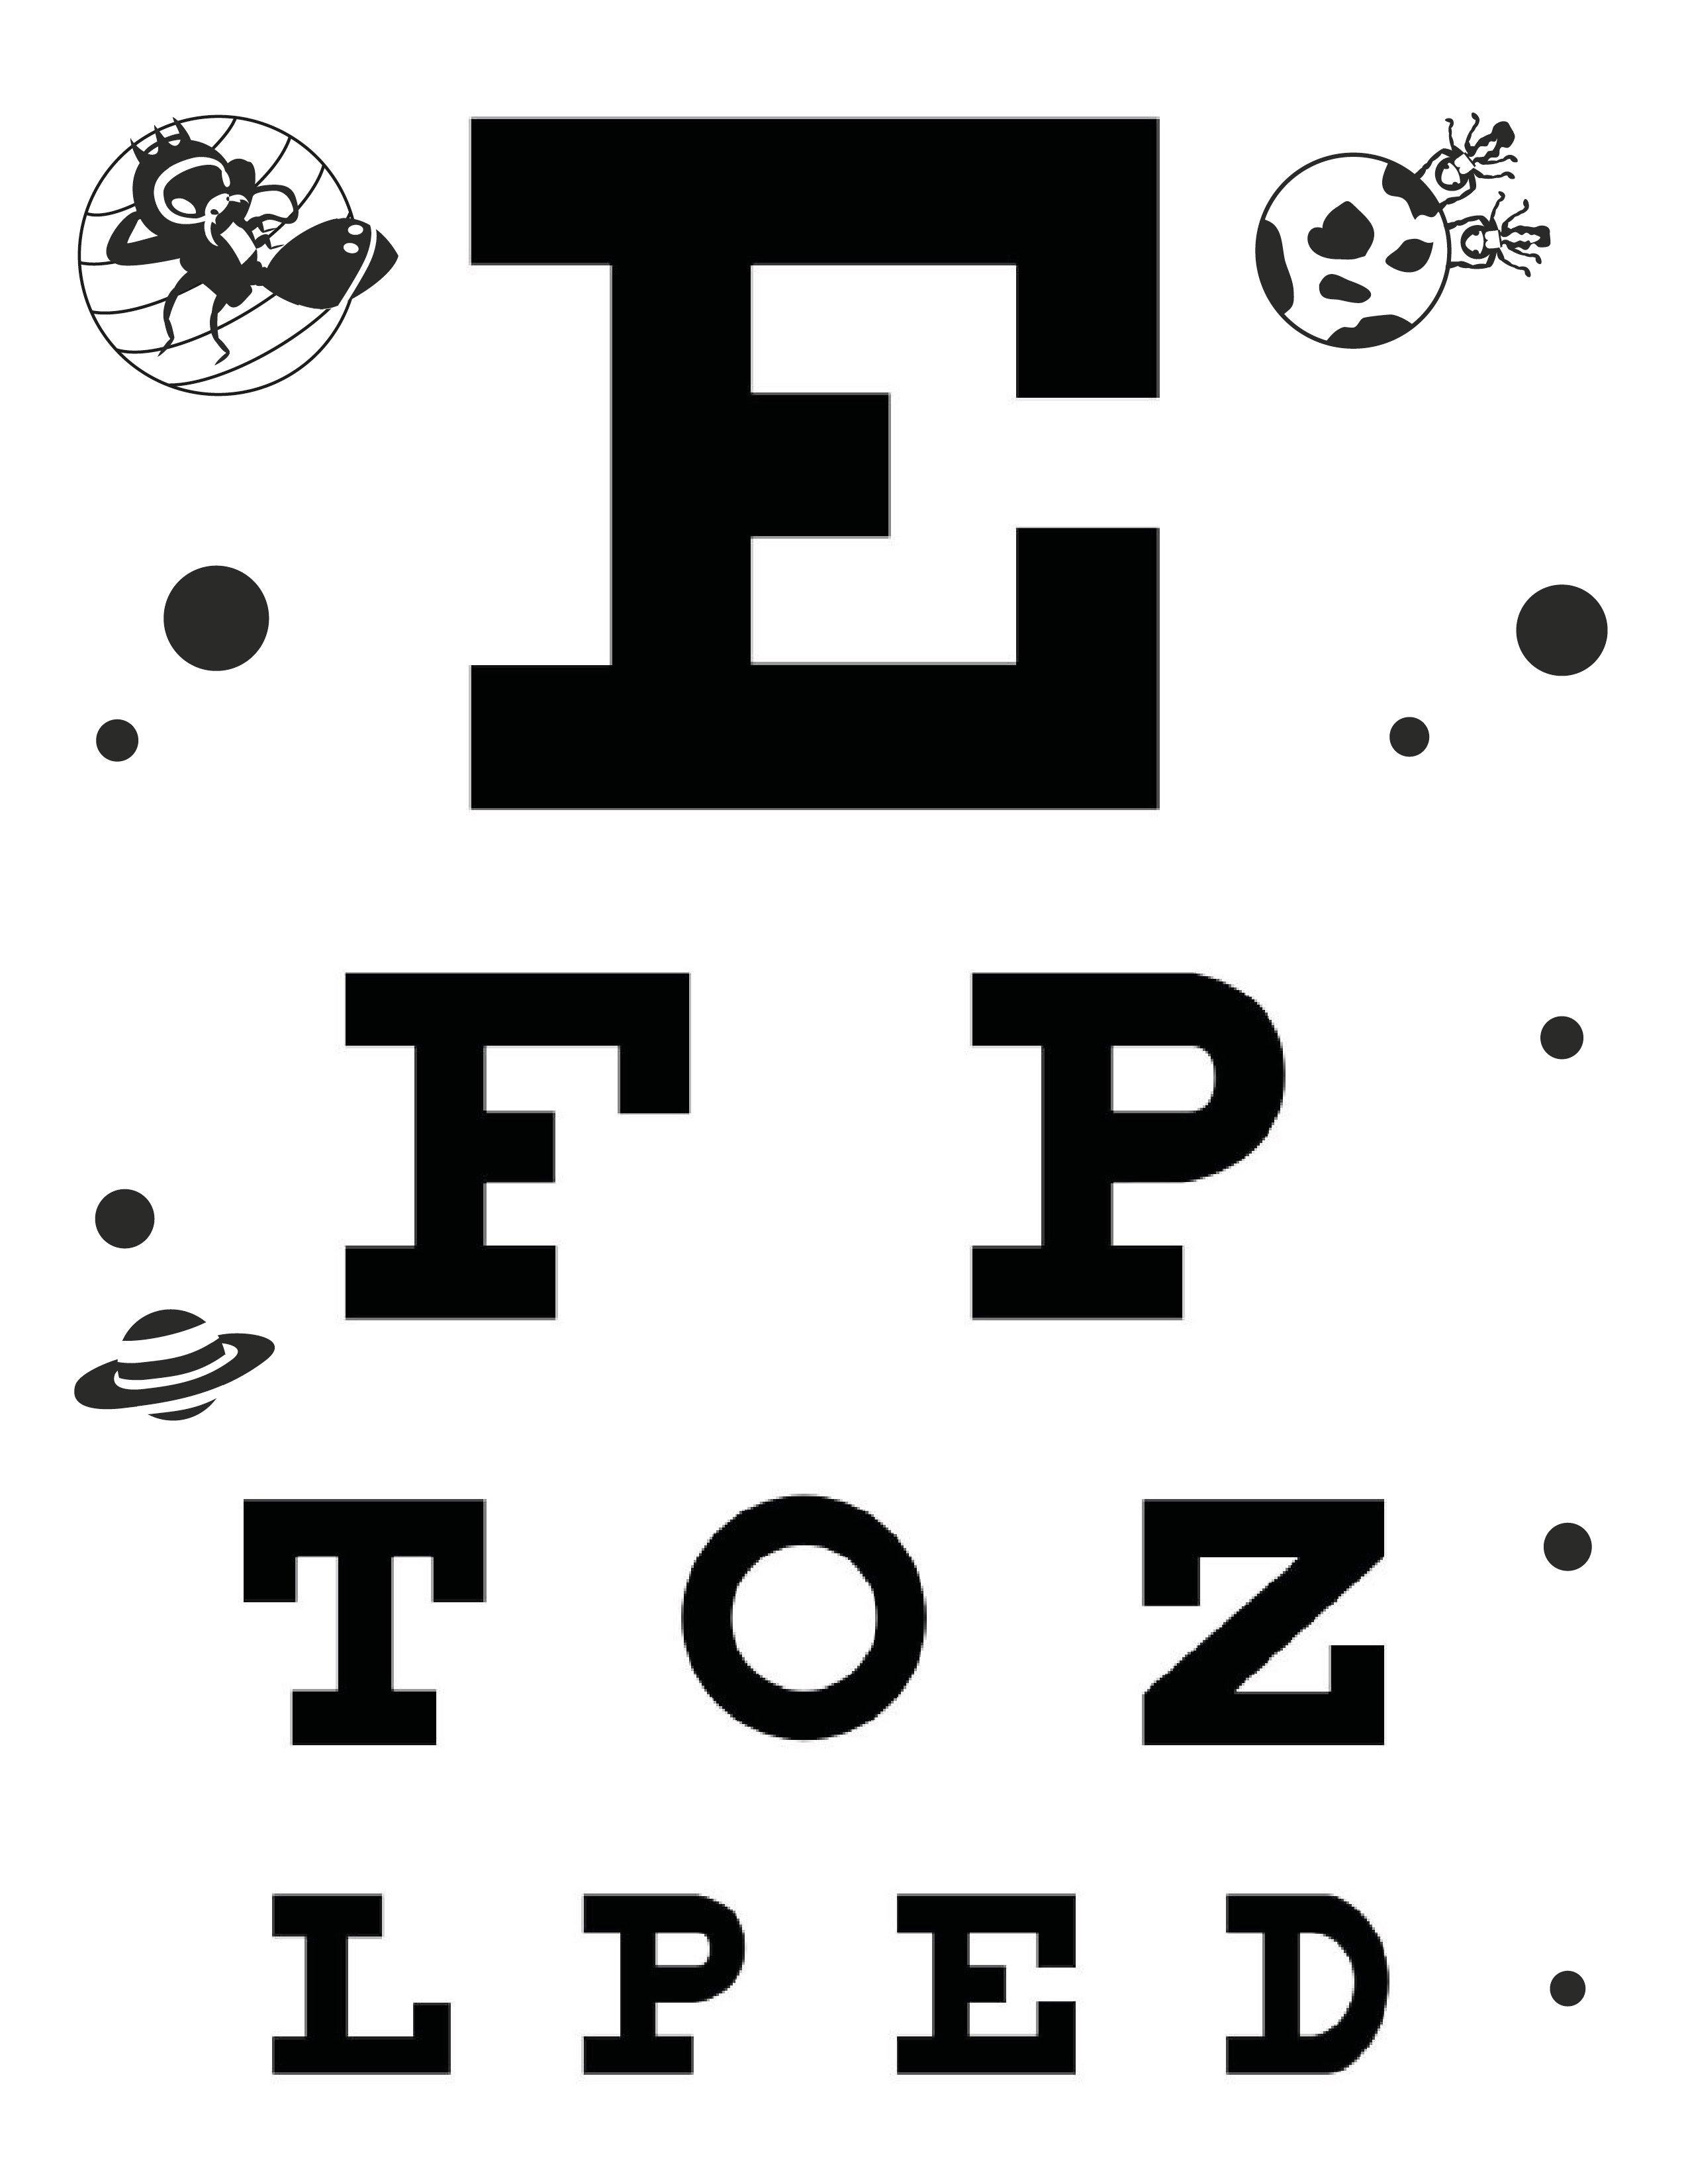 Etdrs eye chart wiki decorativestyle doctor eye chart images free any examples printable nvjuhfo Choice Image